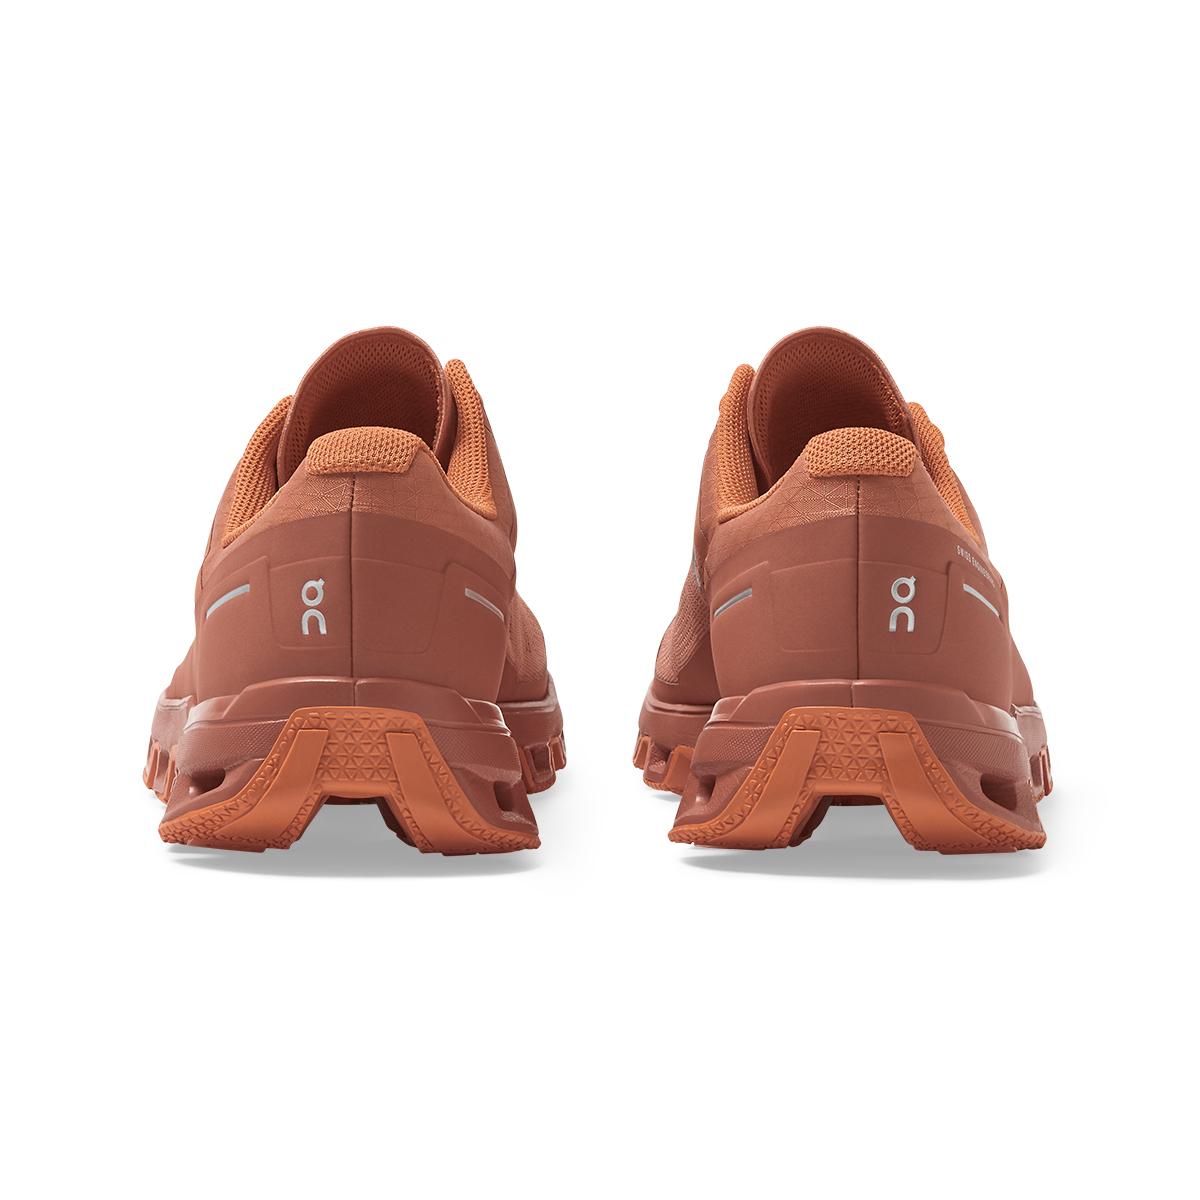 Women's On Cloudventure Trail Running Shoe - Color: Sandstone/Orang - Size: 5 - Width: Regular, Sandstone/Orang, large, image 4